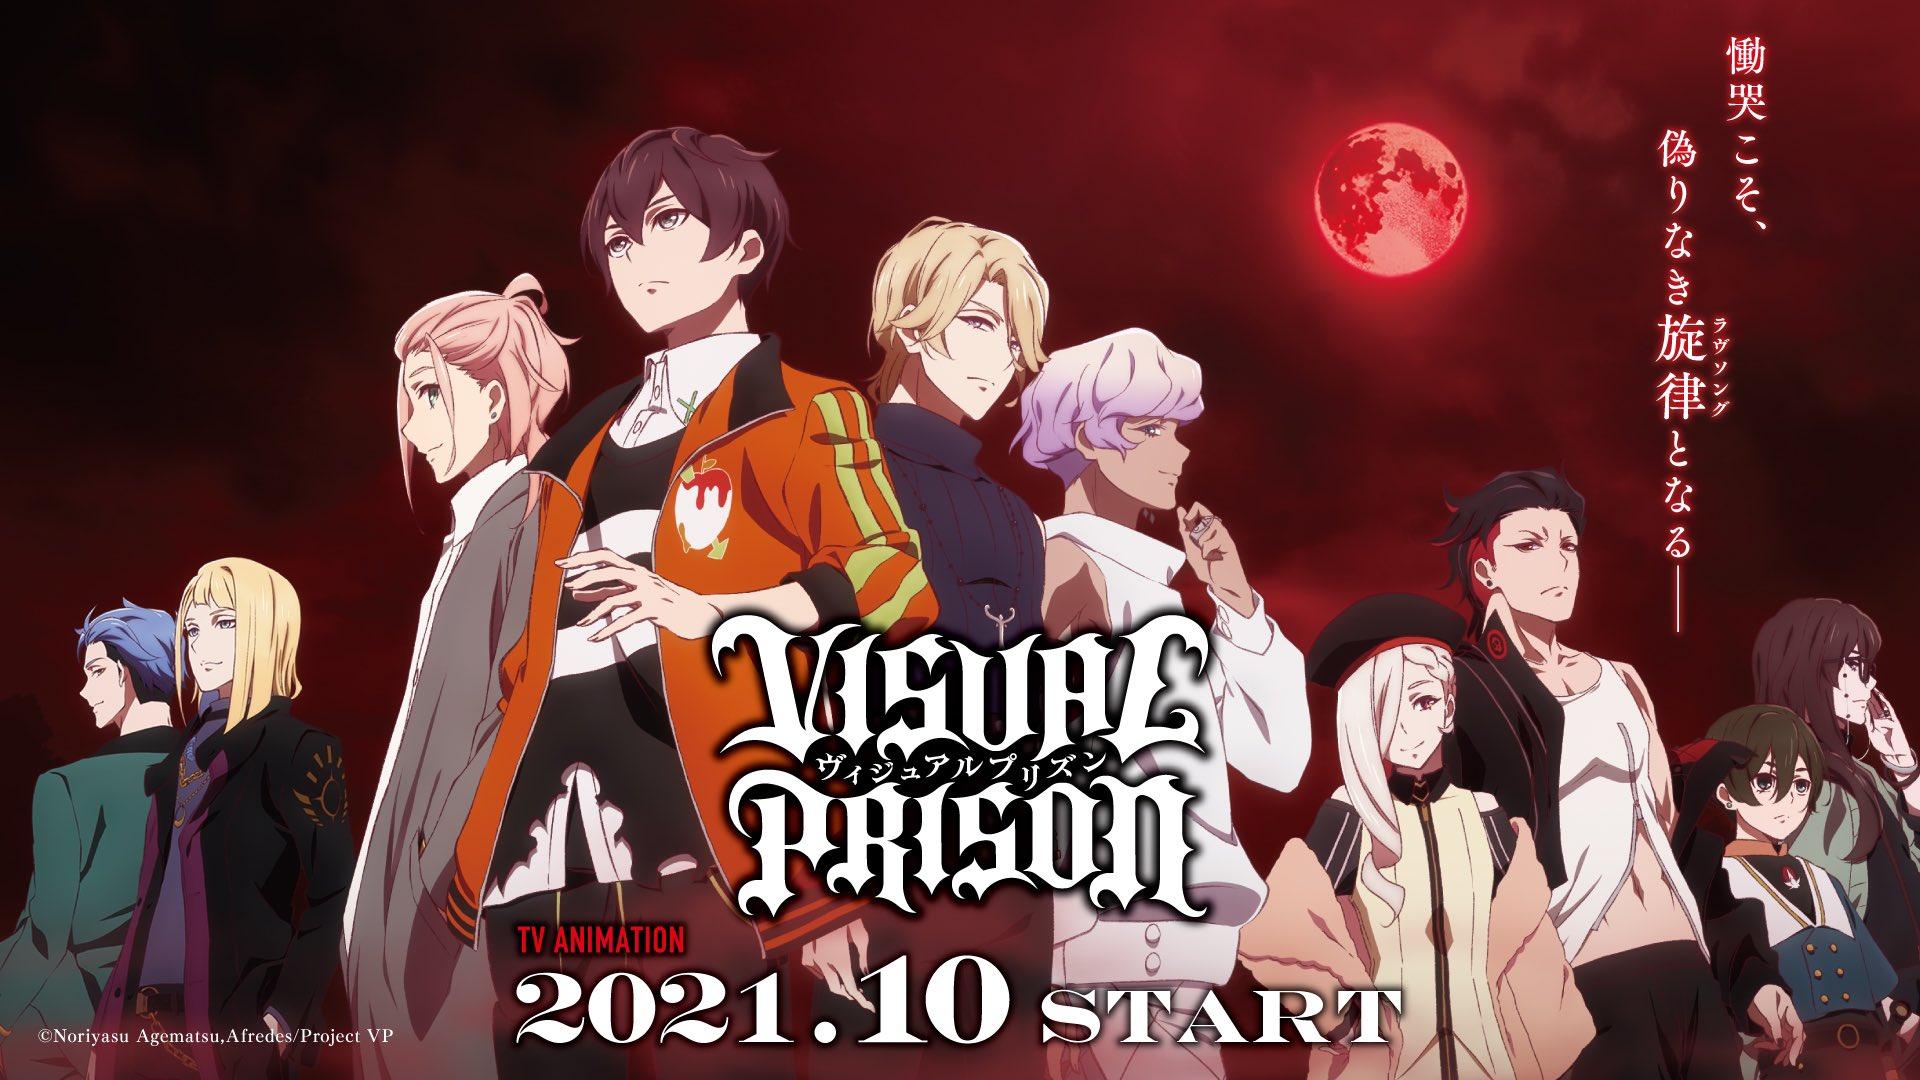 Visual Prison anime vampire visual kei music